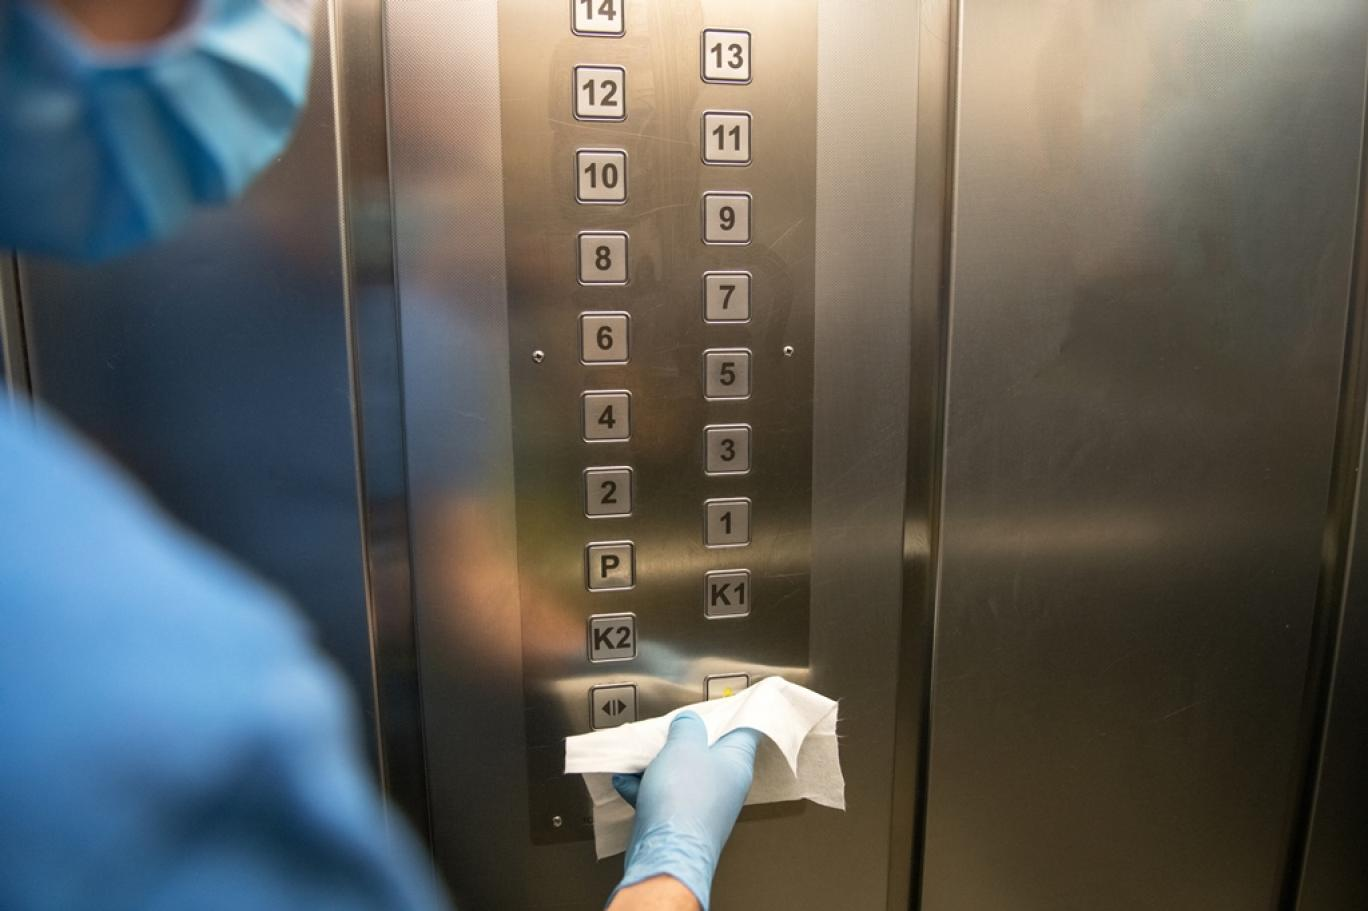 دراسة تكشف مدة بقاء الجسيمات المحملة بفيروس كورونا في المصعد بعد سعال المصاب